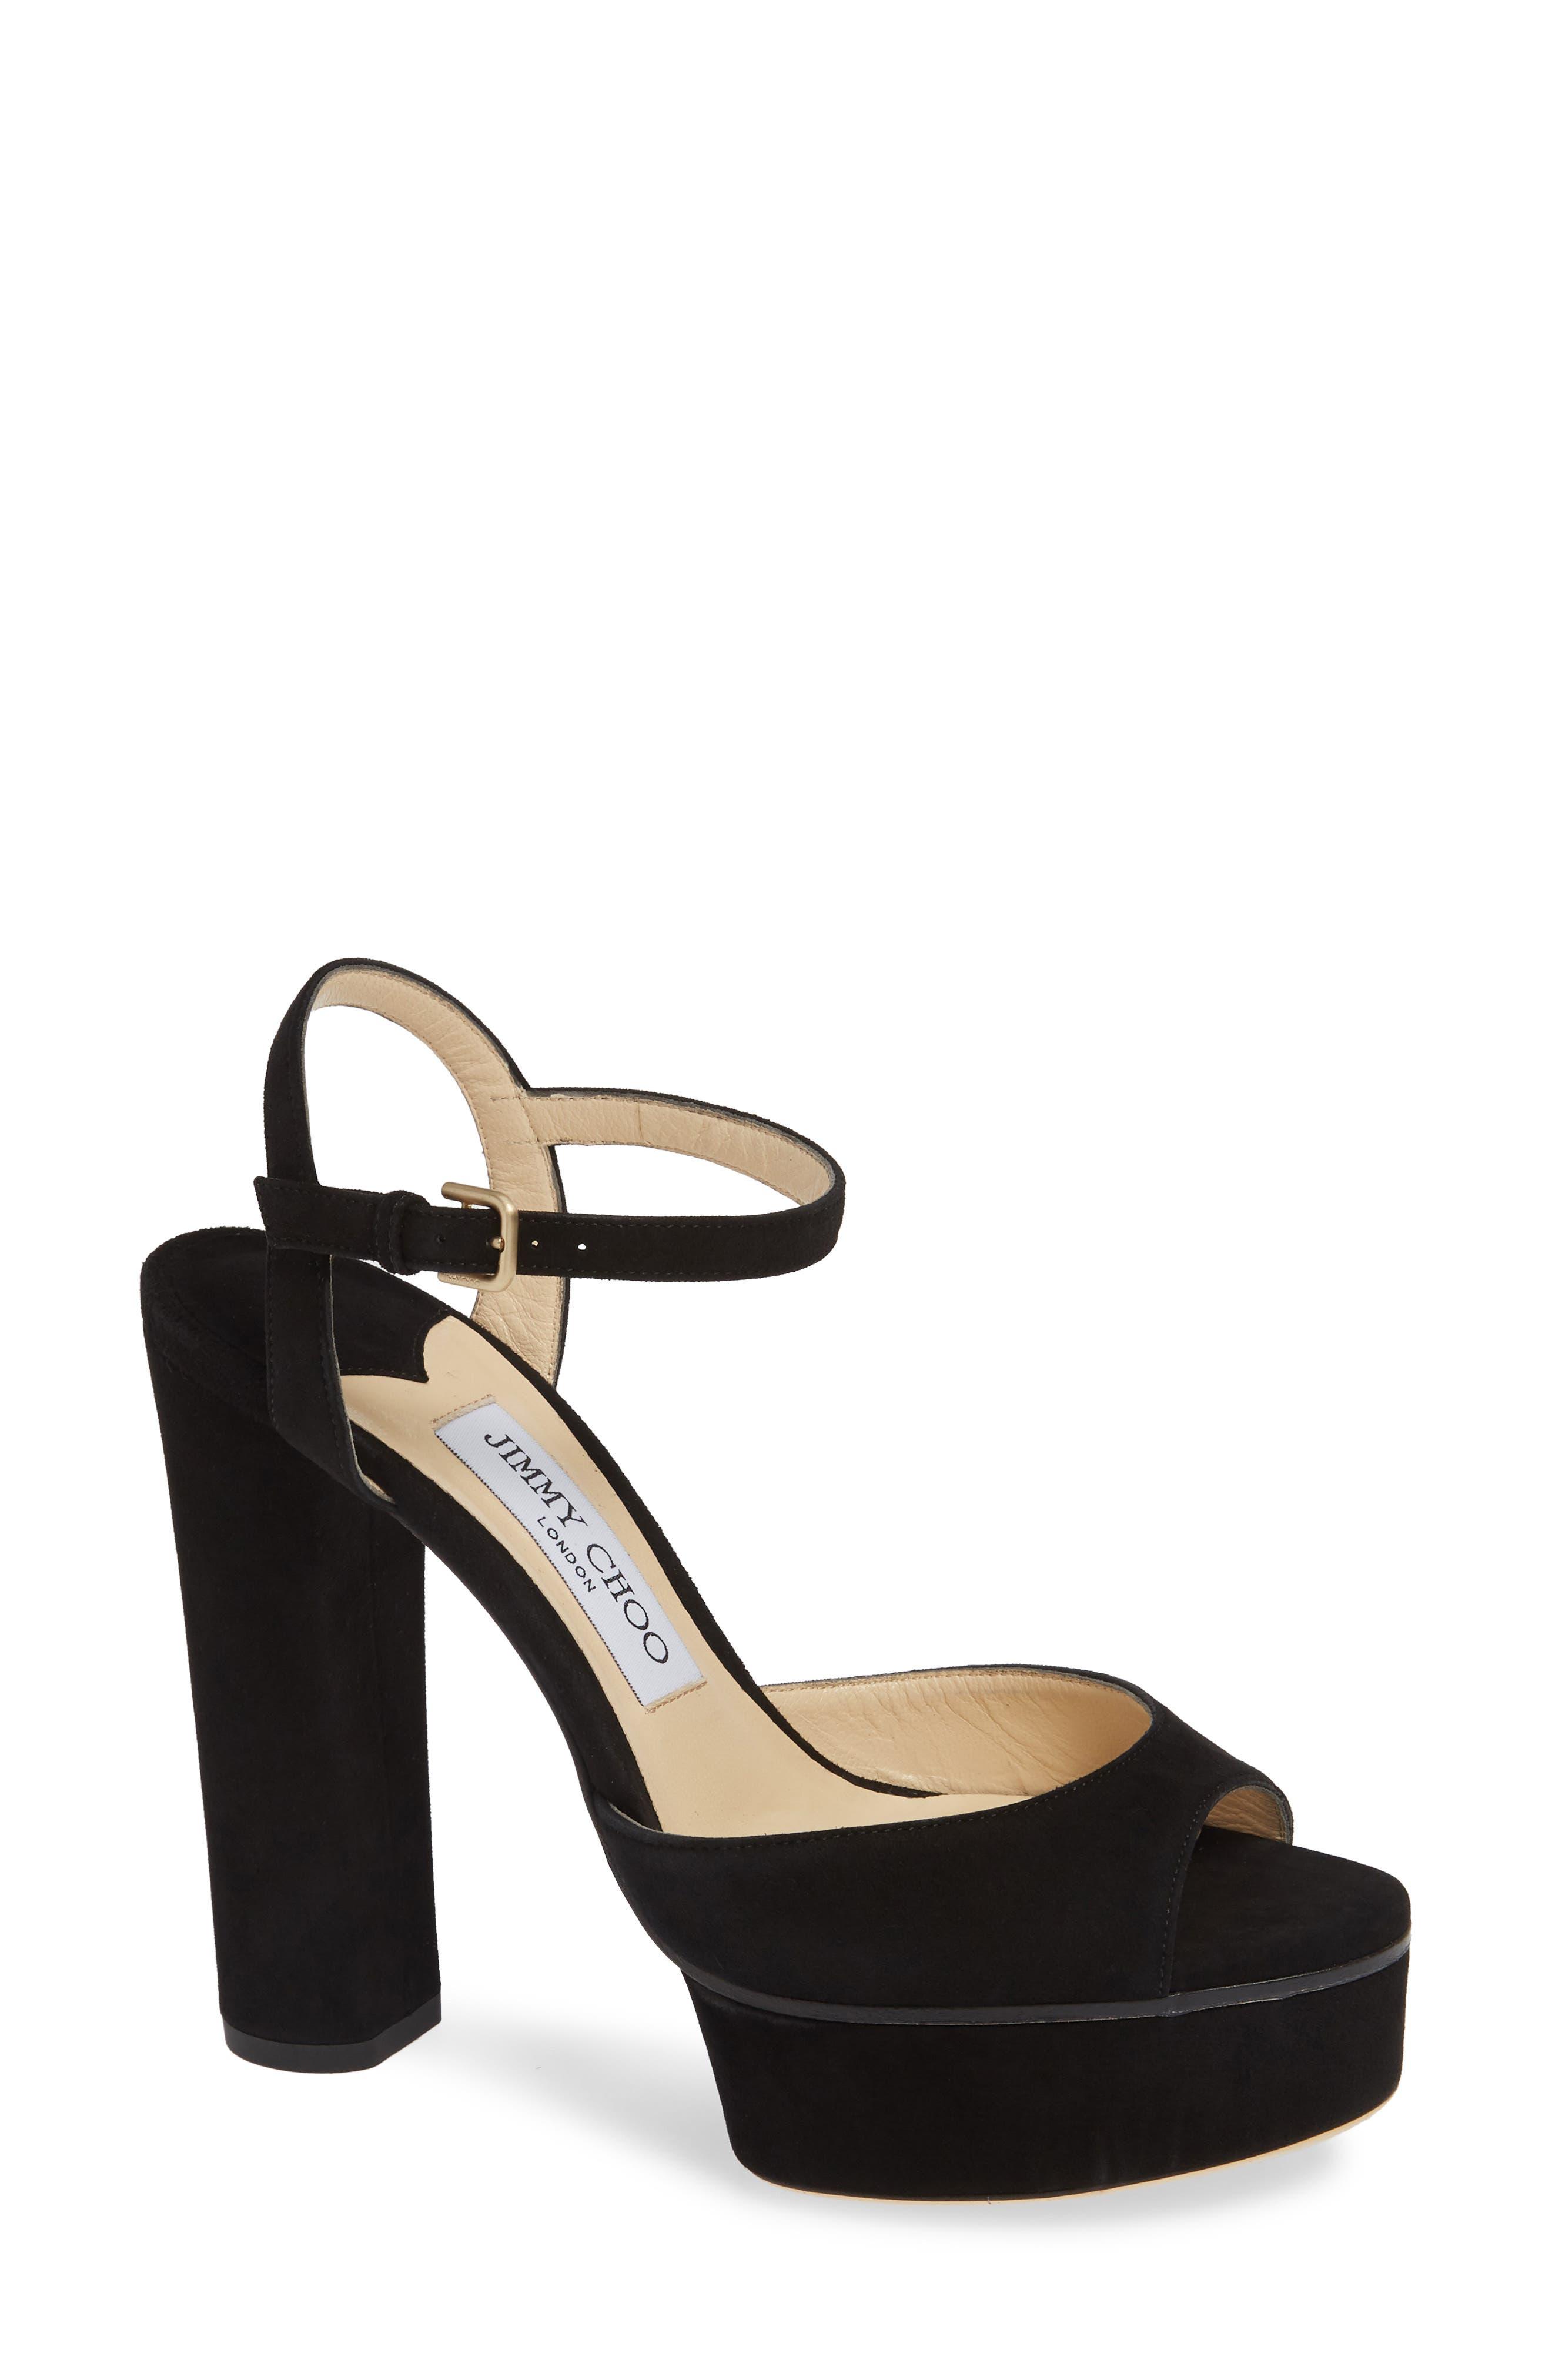 Peachy Platform Sandal,                             Main thumbnail 1, color,                             BLACK SUEDE